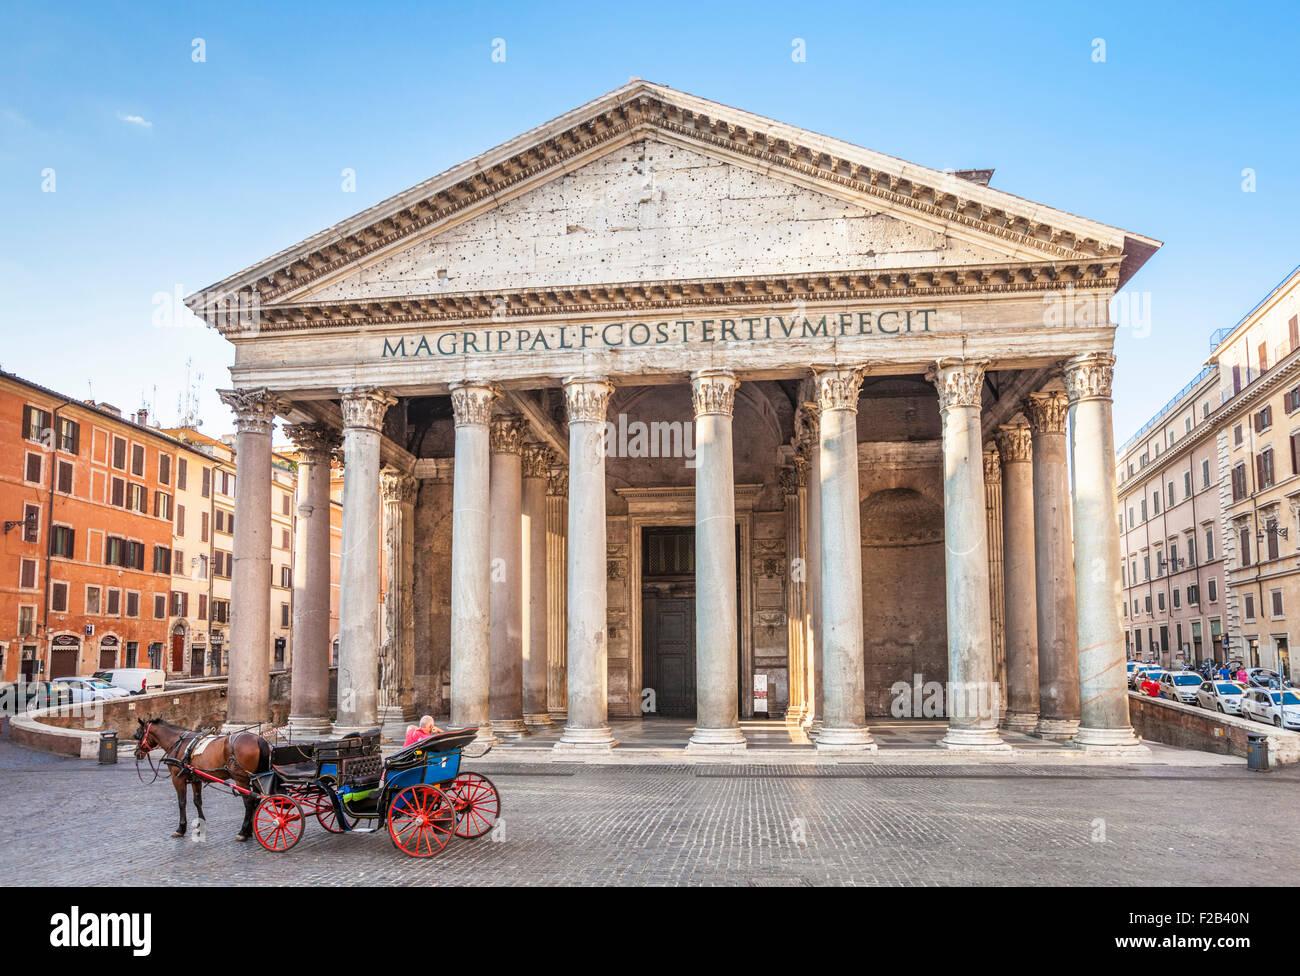 El templo del panteón de dioses romanos y la iglesia fachada exterior Piazza della Rotonda Roma Lazio Italia Imagen De Stock